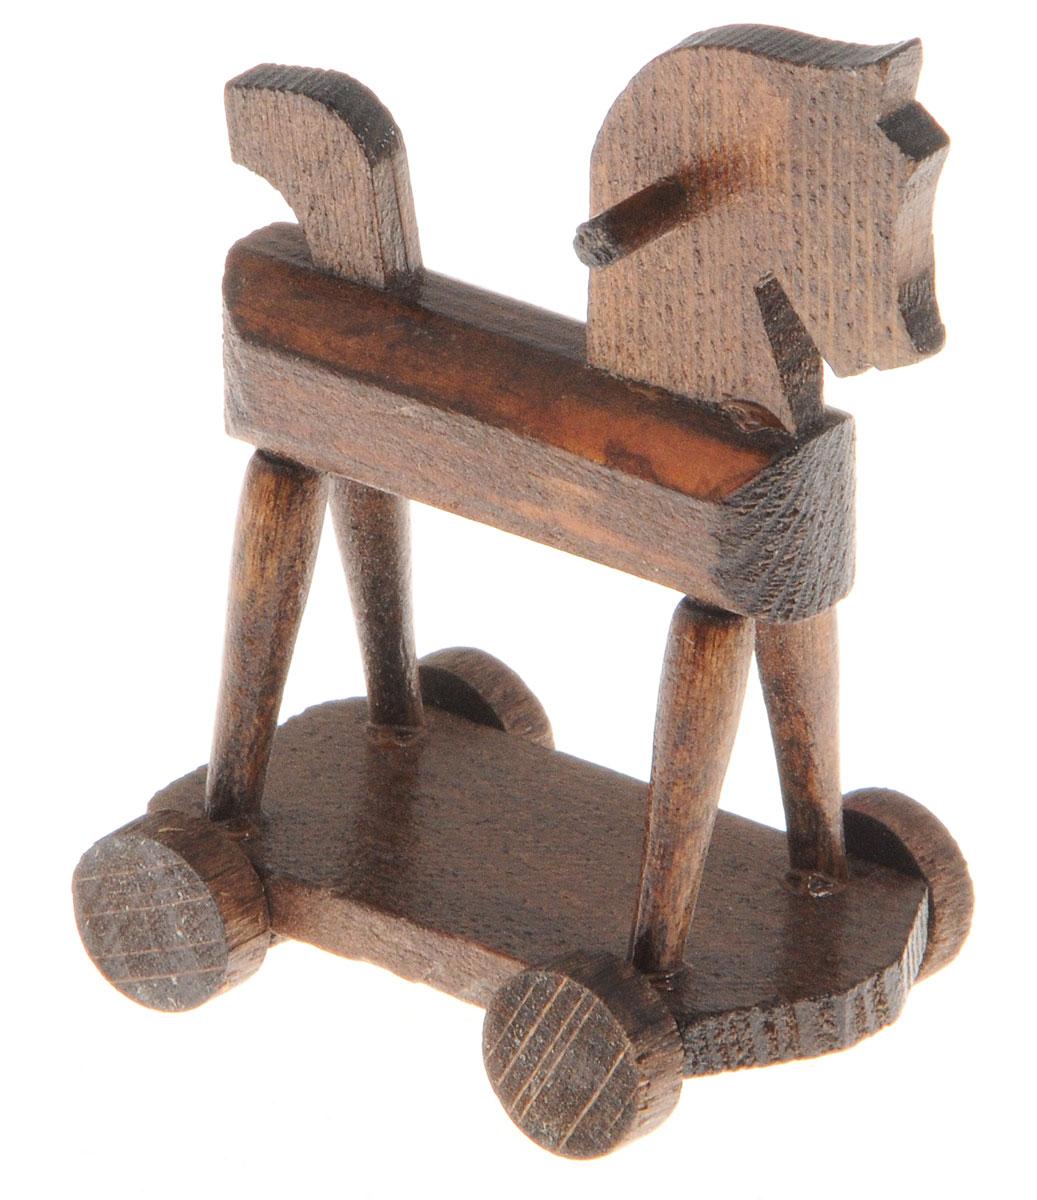 Fritz Canzler Лошадка-качалка на колесах для кукол цвет темно-коричневый13-4876-00Лошадка-качалка на колесах Fritz Canzler - это прекрасный аксессуар для игры с мини-куклами. Ваш ребенок может придумать и разыграть различные сценки, используя кукол и лошадку. Игрушка изготовлена из высококачественного материала, в производстве используется древесина бука и клена. Лошадка-качалка Fritz Canzler обеспечивает развитие и обучение вашего ребенка в процессе игры. Производство осуществляется в Германии.